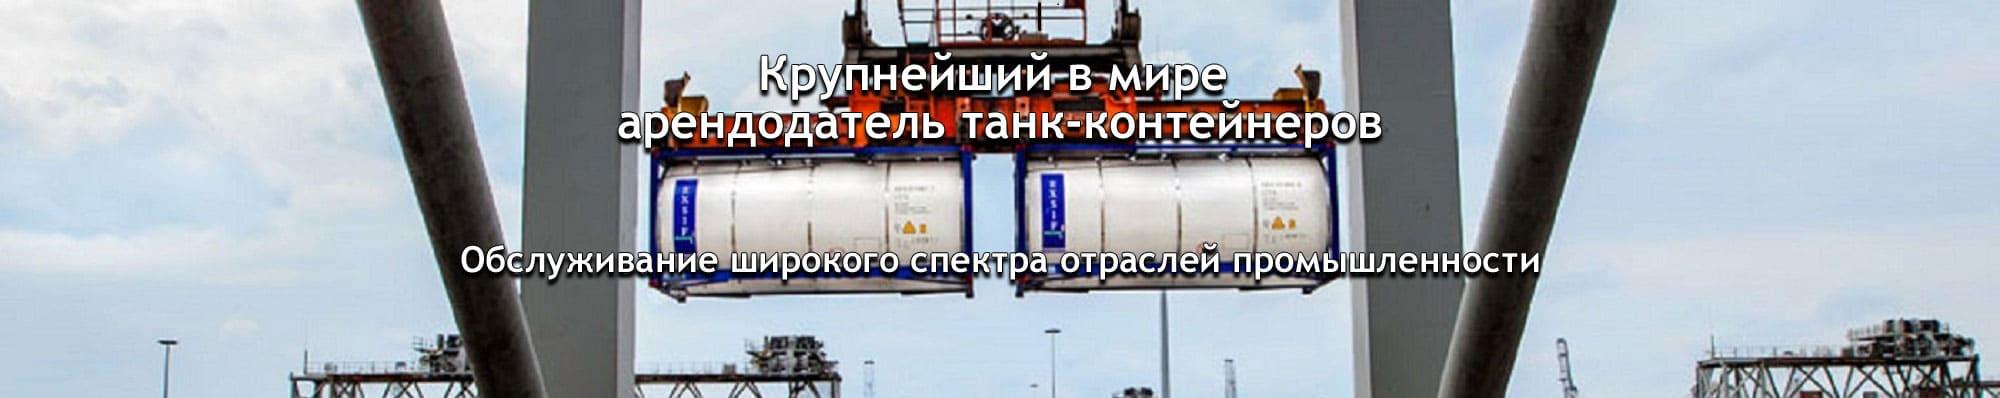 Арендодатель танк контейнеров